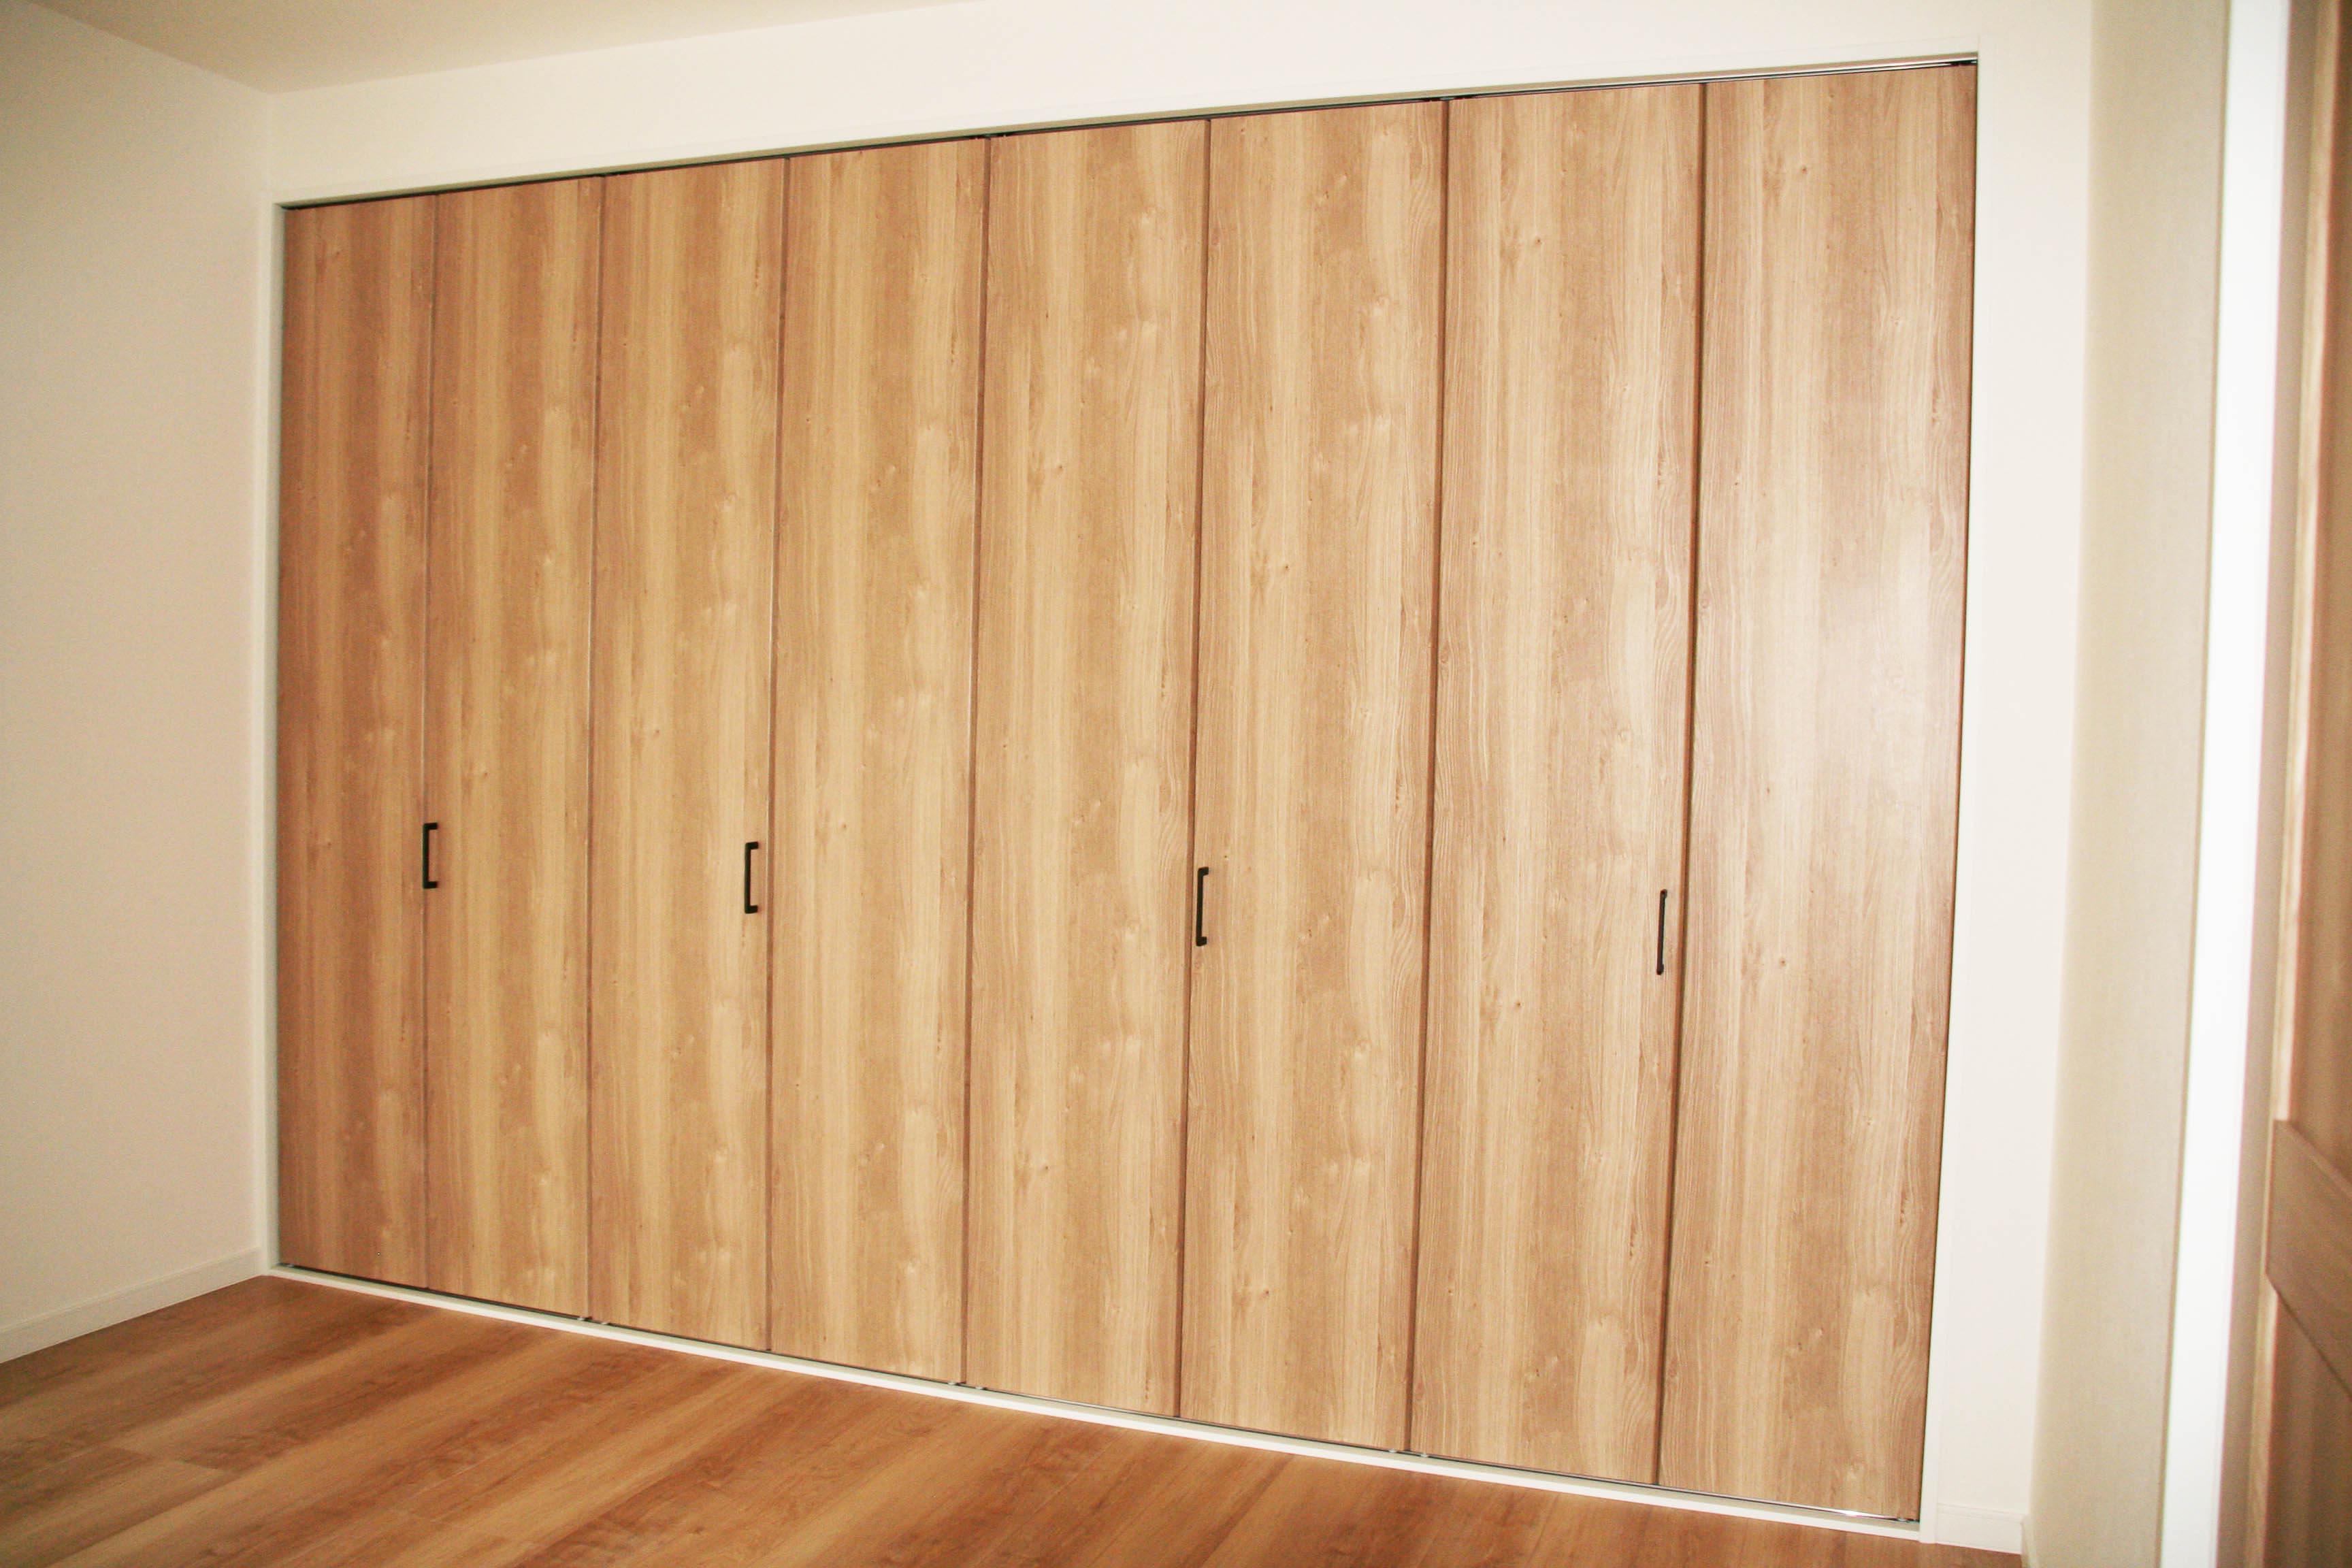 K様邸のダイニングの扉。ハイドアの画像。